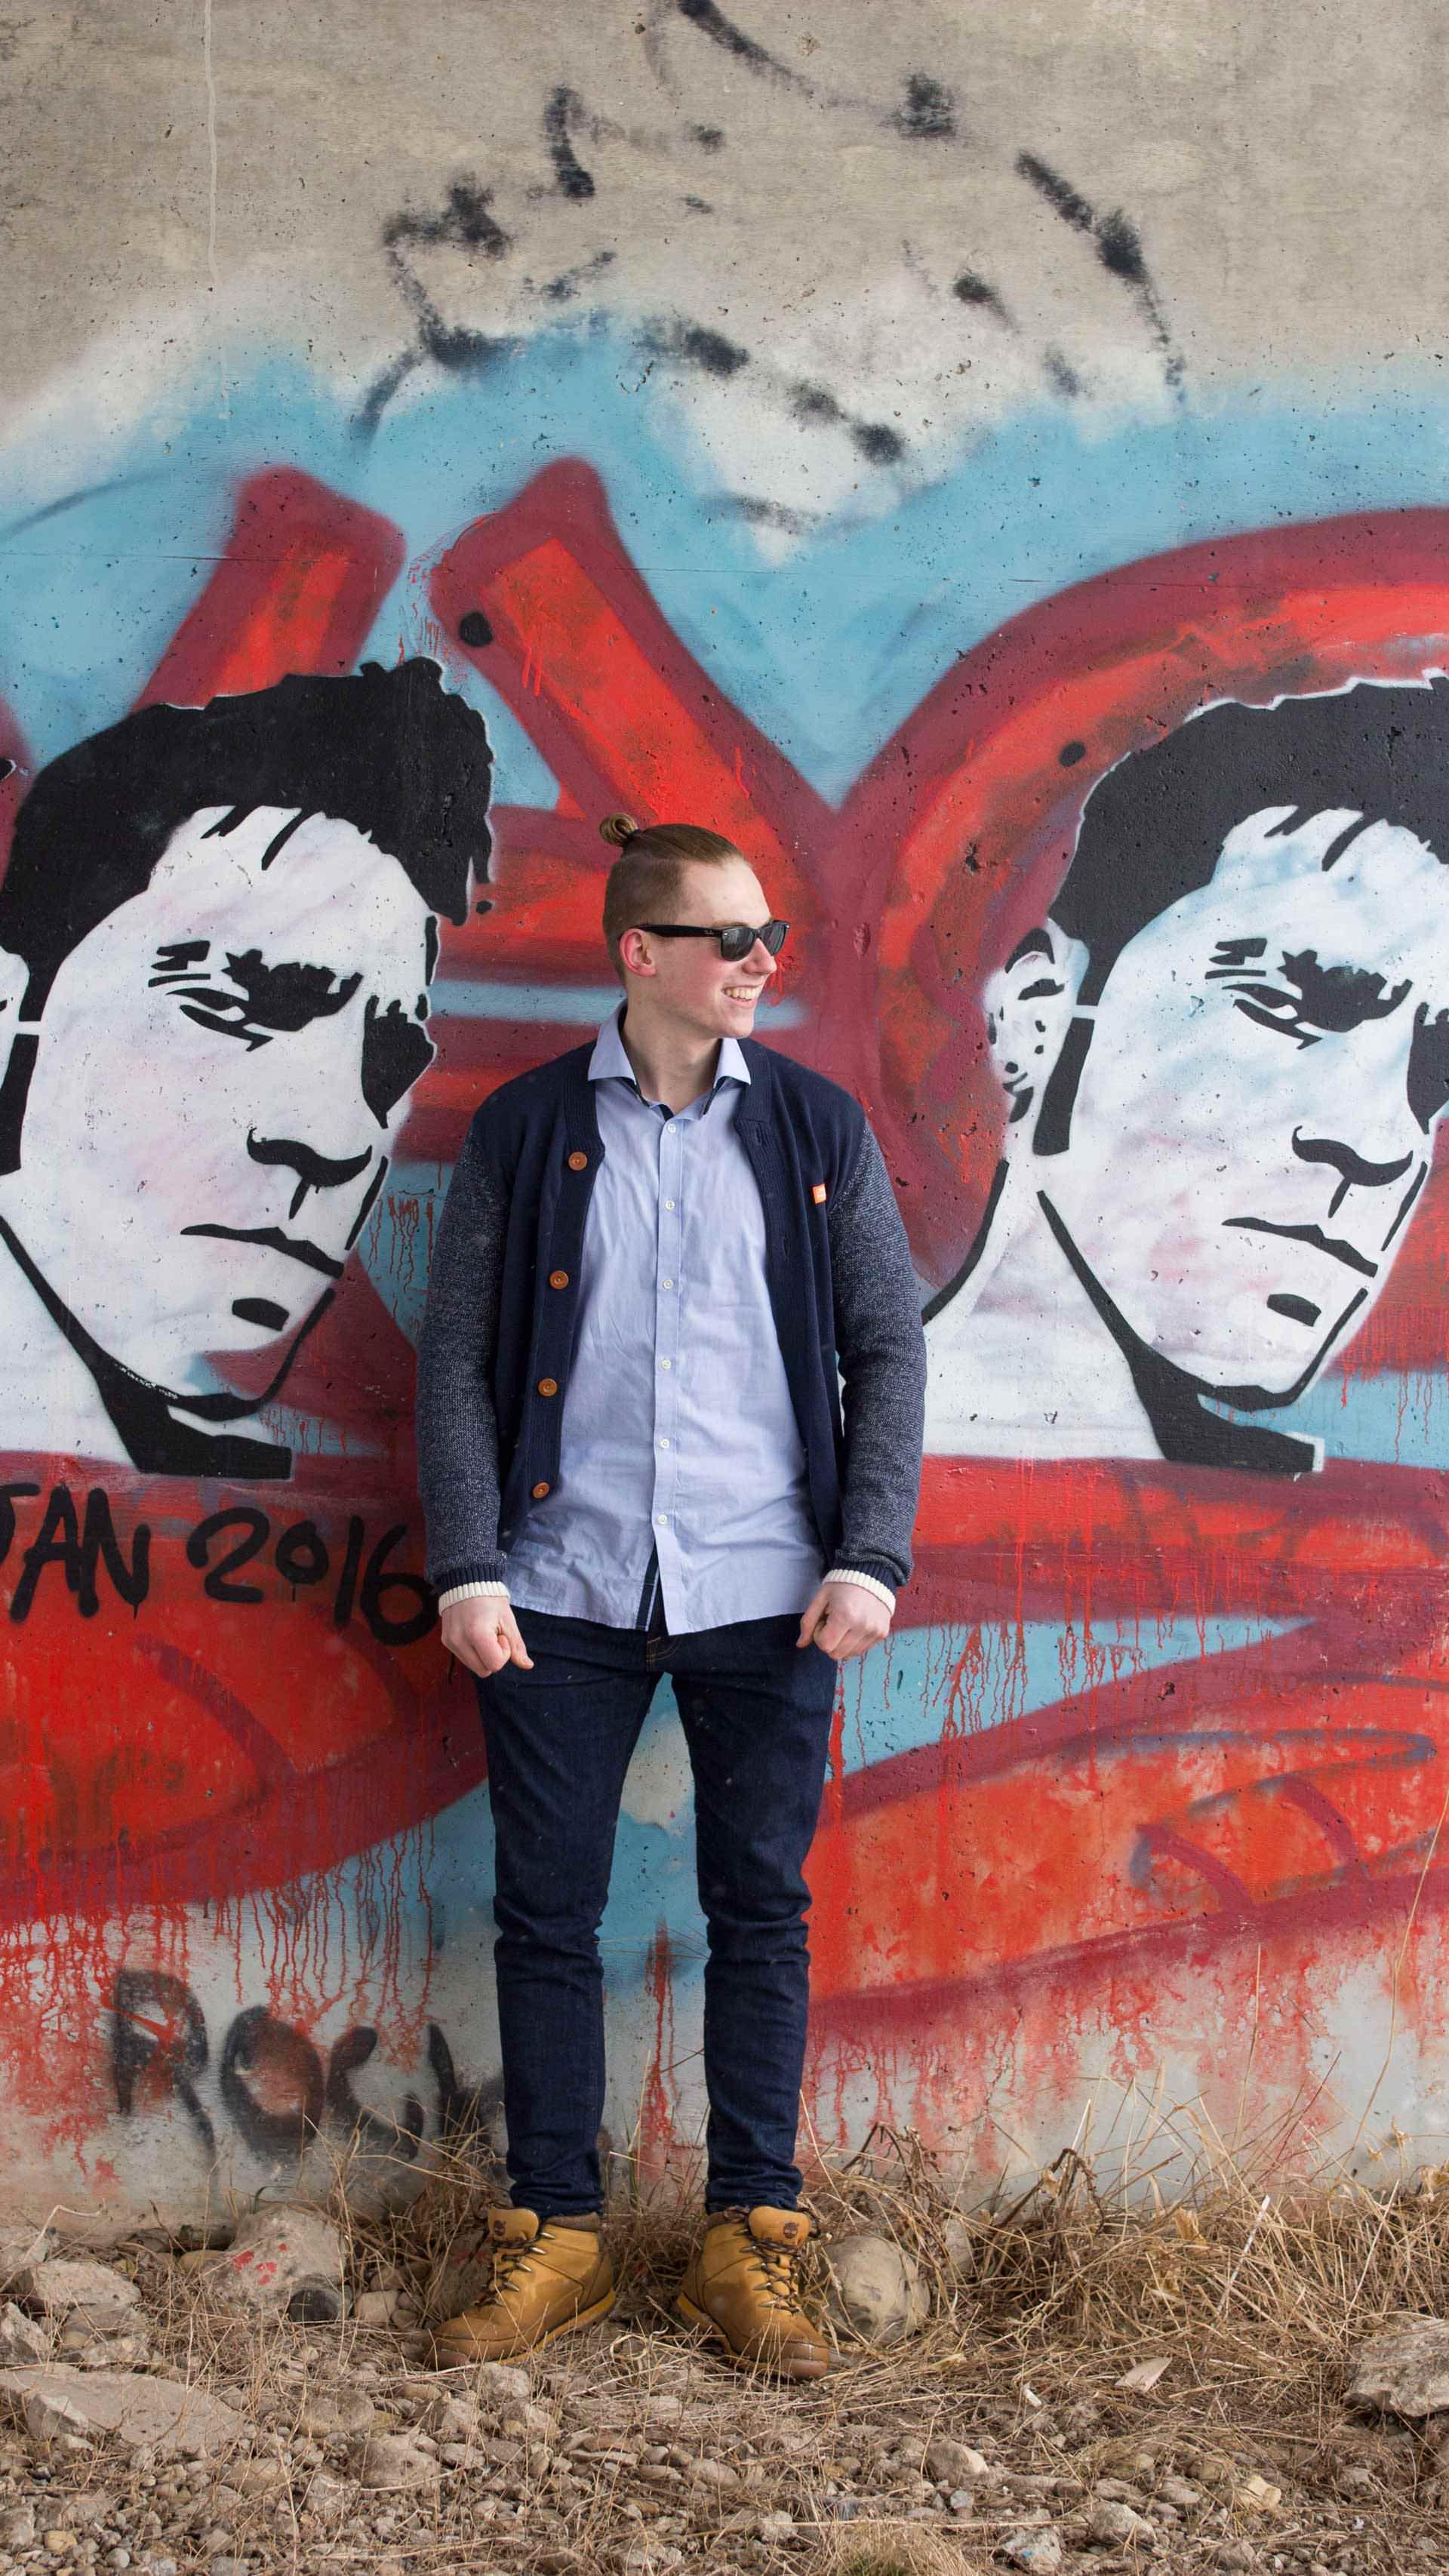 Patrick standing in between graffiti art